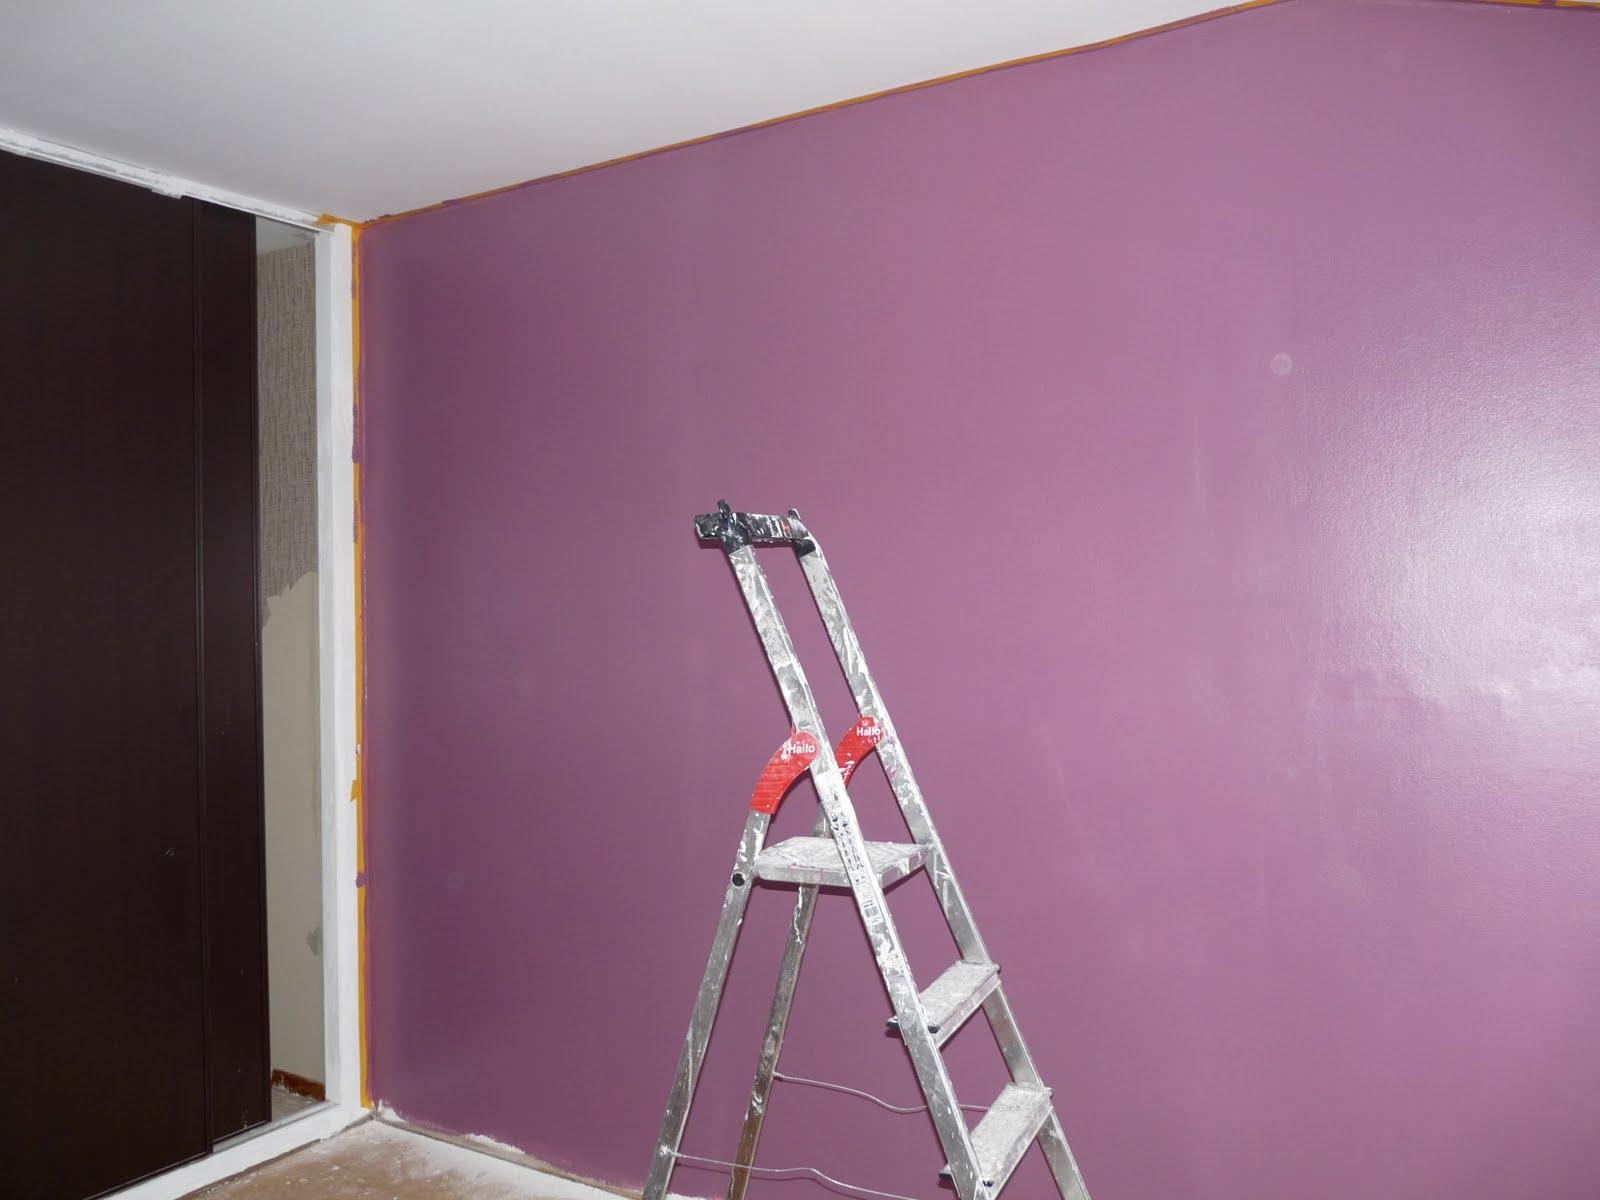 Couleur peinture chambre parentale inspiration pour for Couleur tendance pour chambre parentale